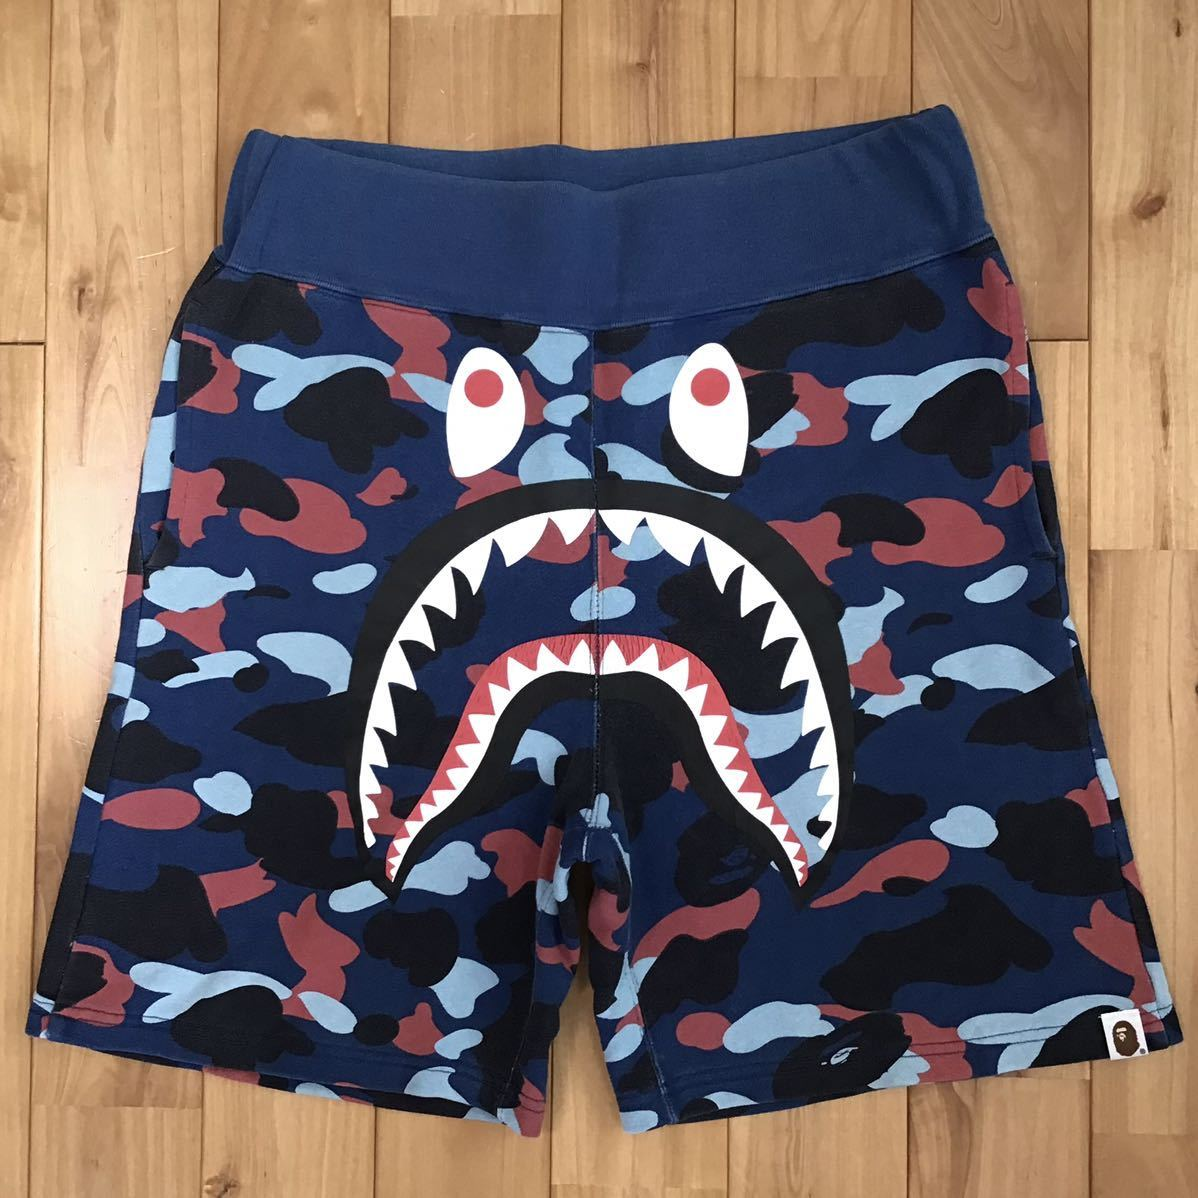 Multi camo シャーク ハーフパンツ Sサイズ a bathing ape BAPE shark shorts ショーツ エイプ ベイプ アベイシングエイプ 迷彩 68q